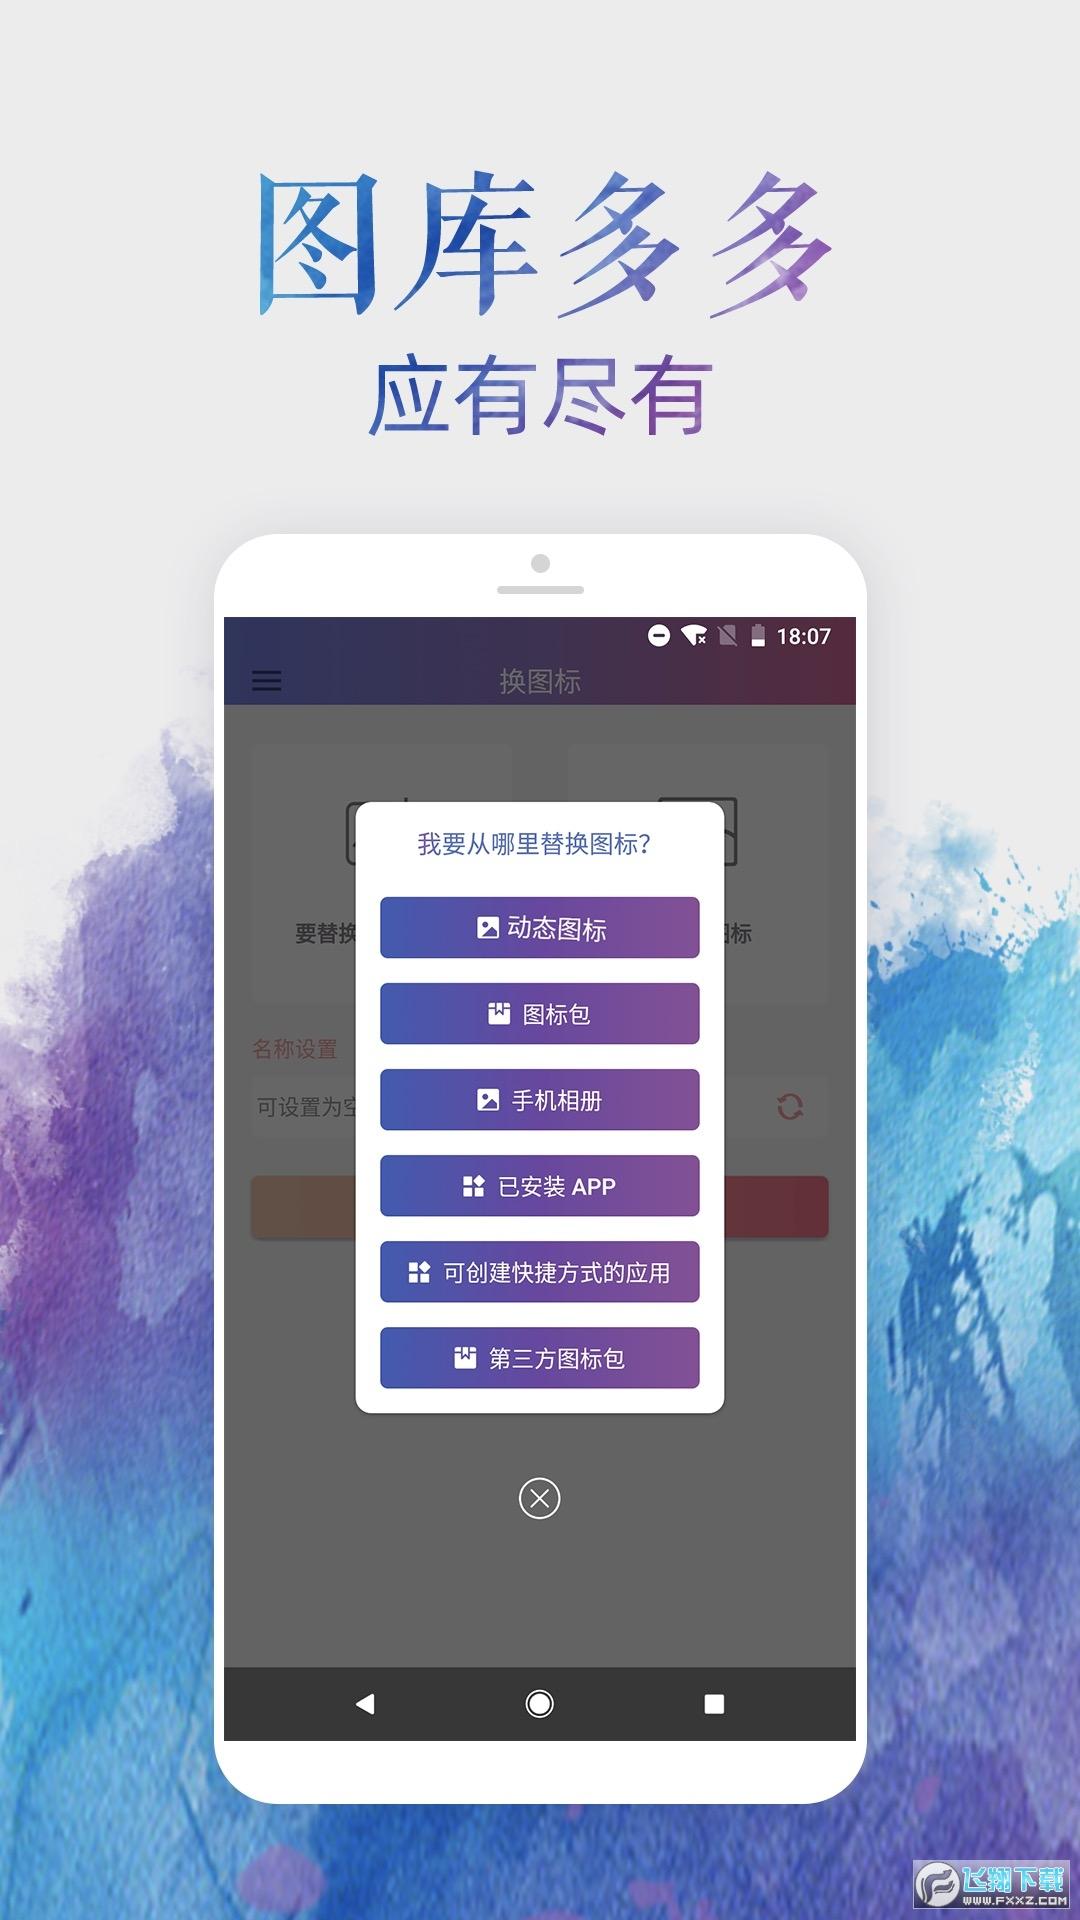 王者荣耀自定义换图标app2.7.9安卓版截图1